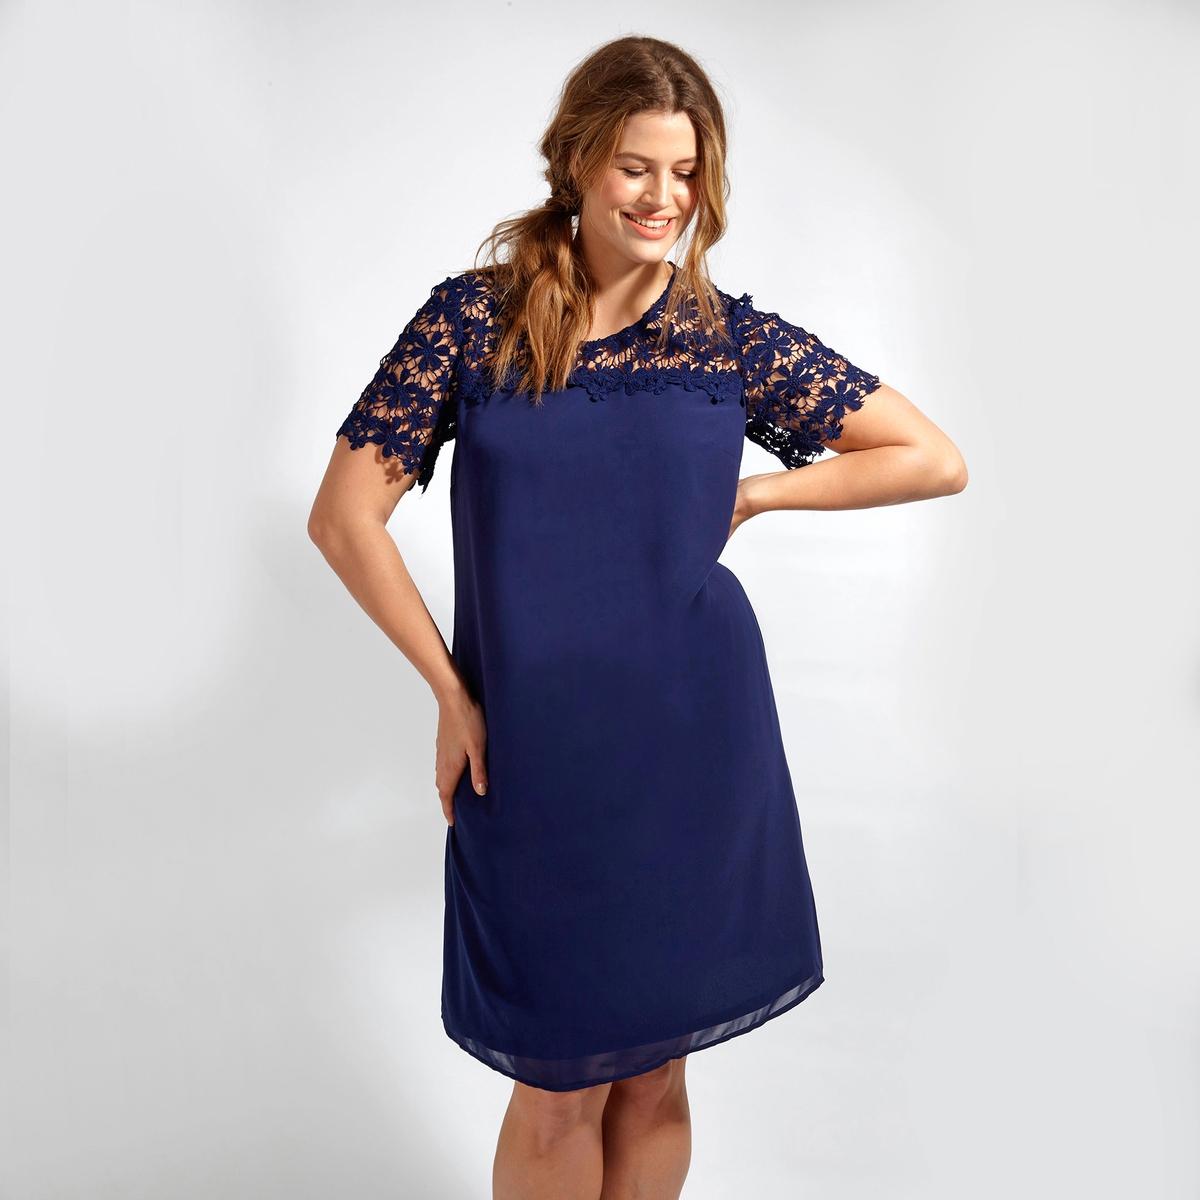 ПлатьеПлатье с короткими рукавами LOVEDROBE. Красивые кружевные рукава и вырез. 100% полиэстер<br><br>Цвет: синий морской